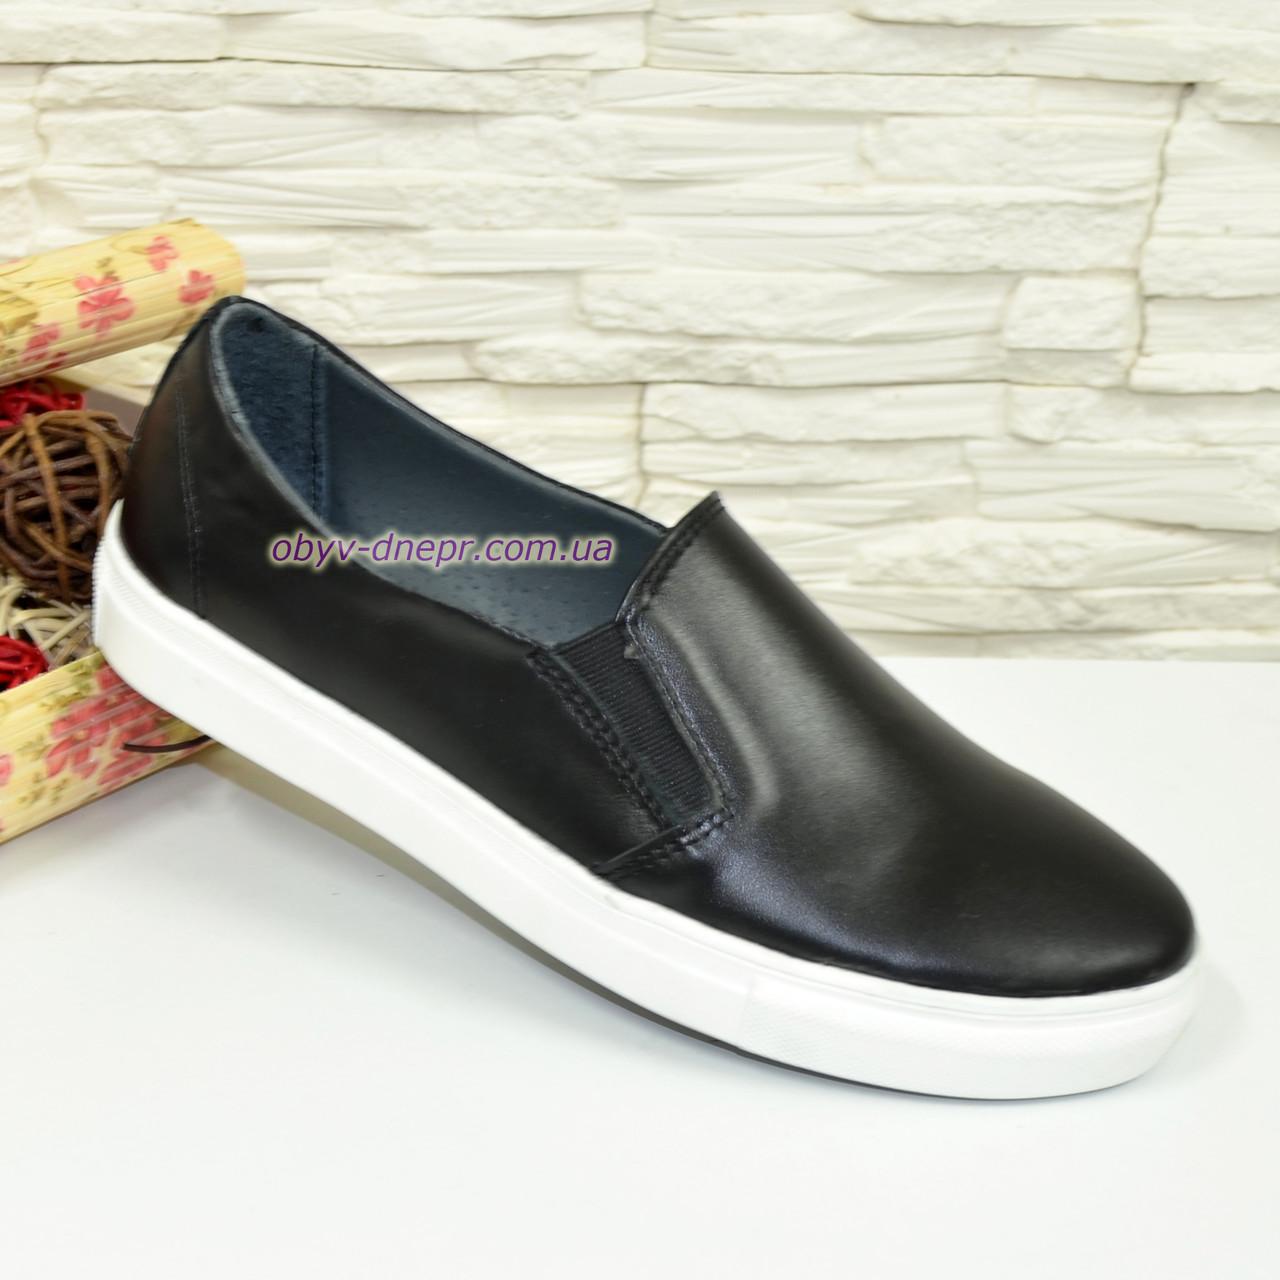 Туфли-мокасины женские  на утолщенной белой подошве из натуральной кожи